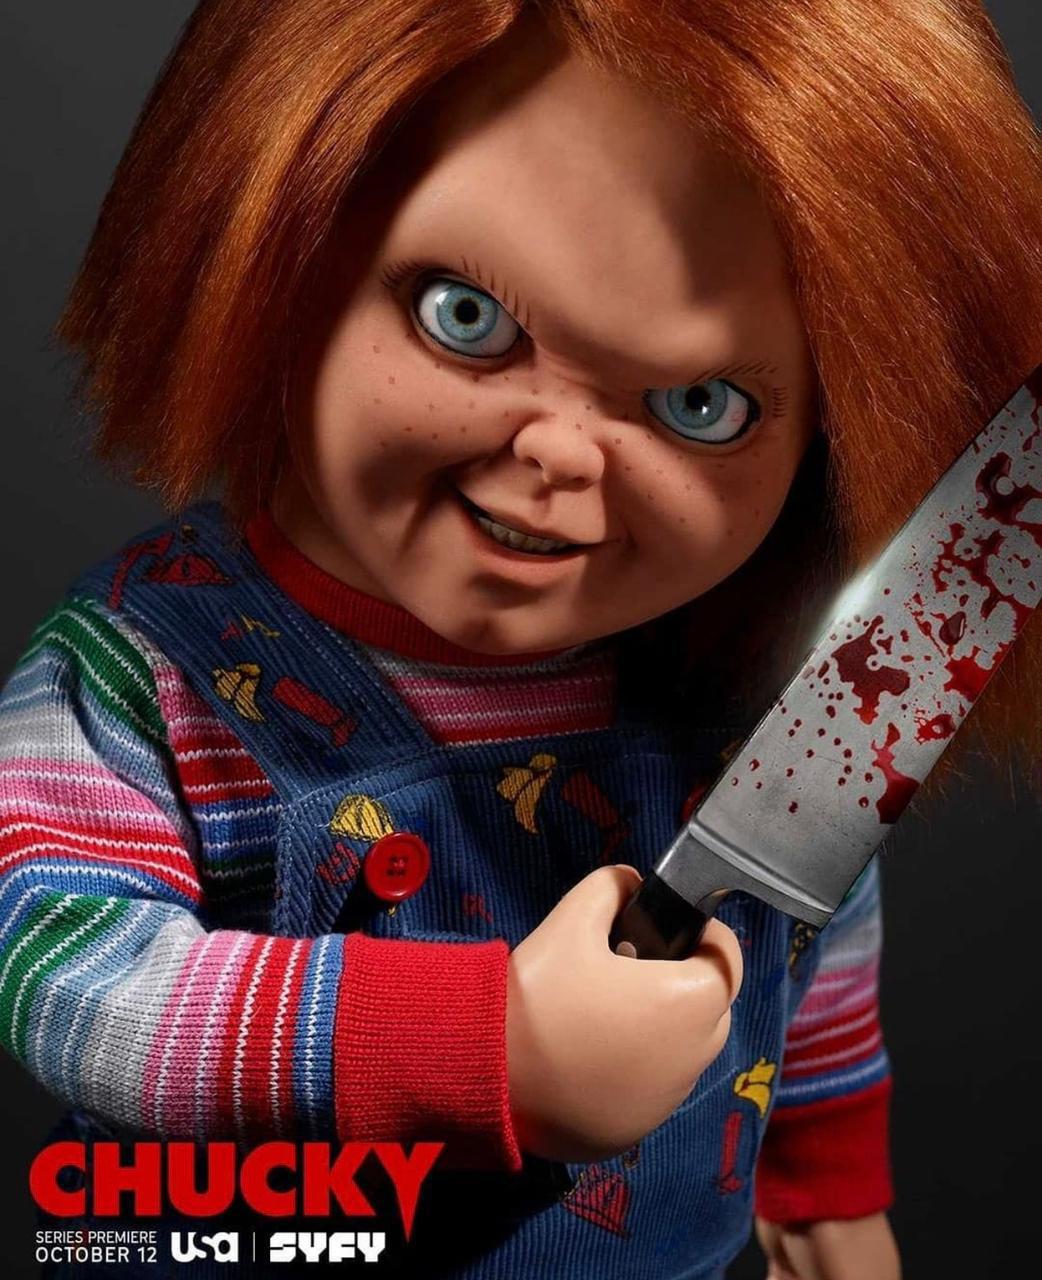 Série Chucky ganha teaser assustador e data de estreia é revelada